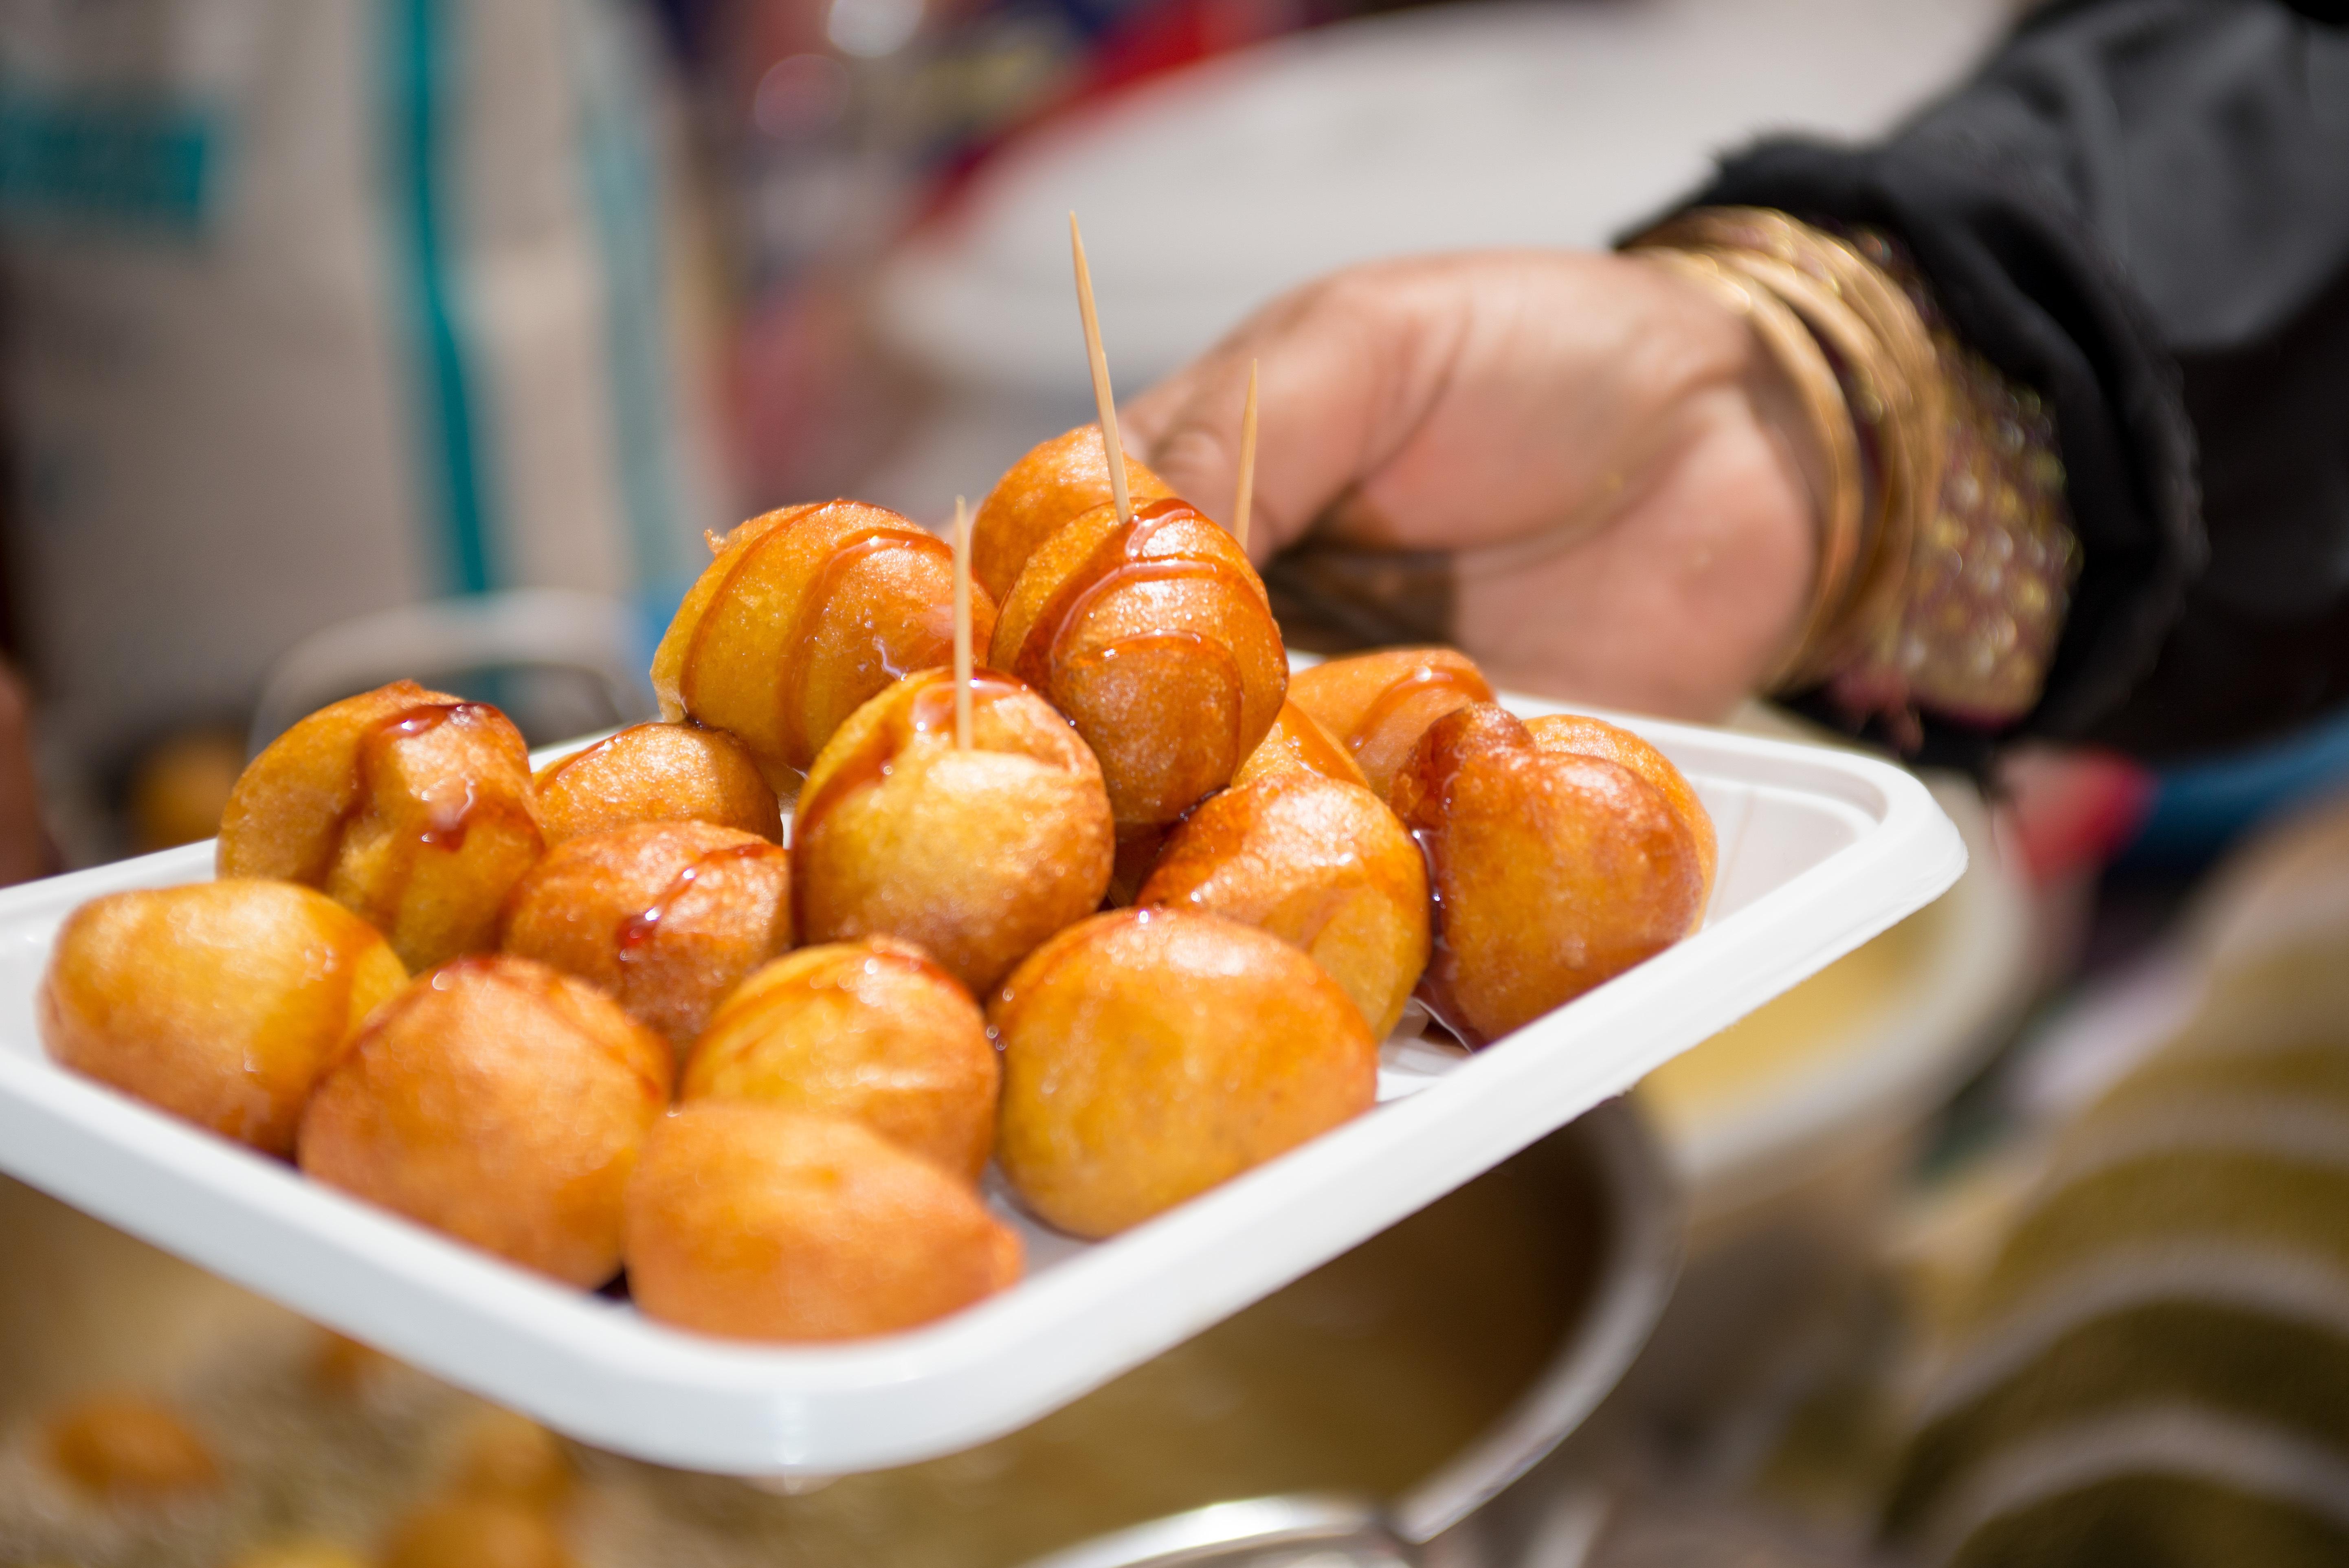 A ropogós, édes Luqaimat a közel-keleti válasz a gombóckérdésre. A könnyű, ám olajban sütött labdácskákat édes szósszal eszik, mindig frissen.